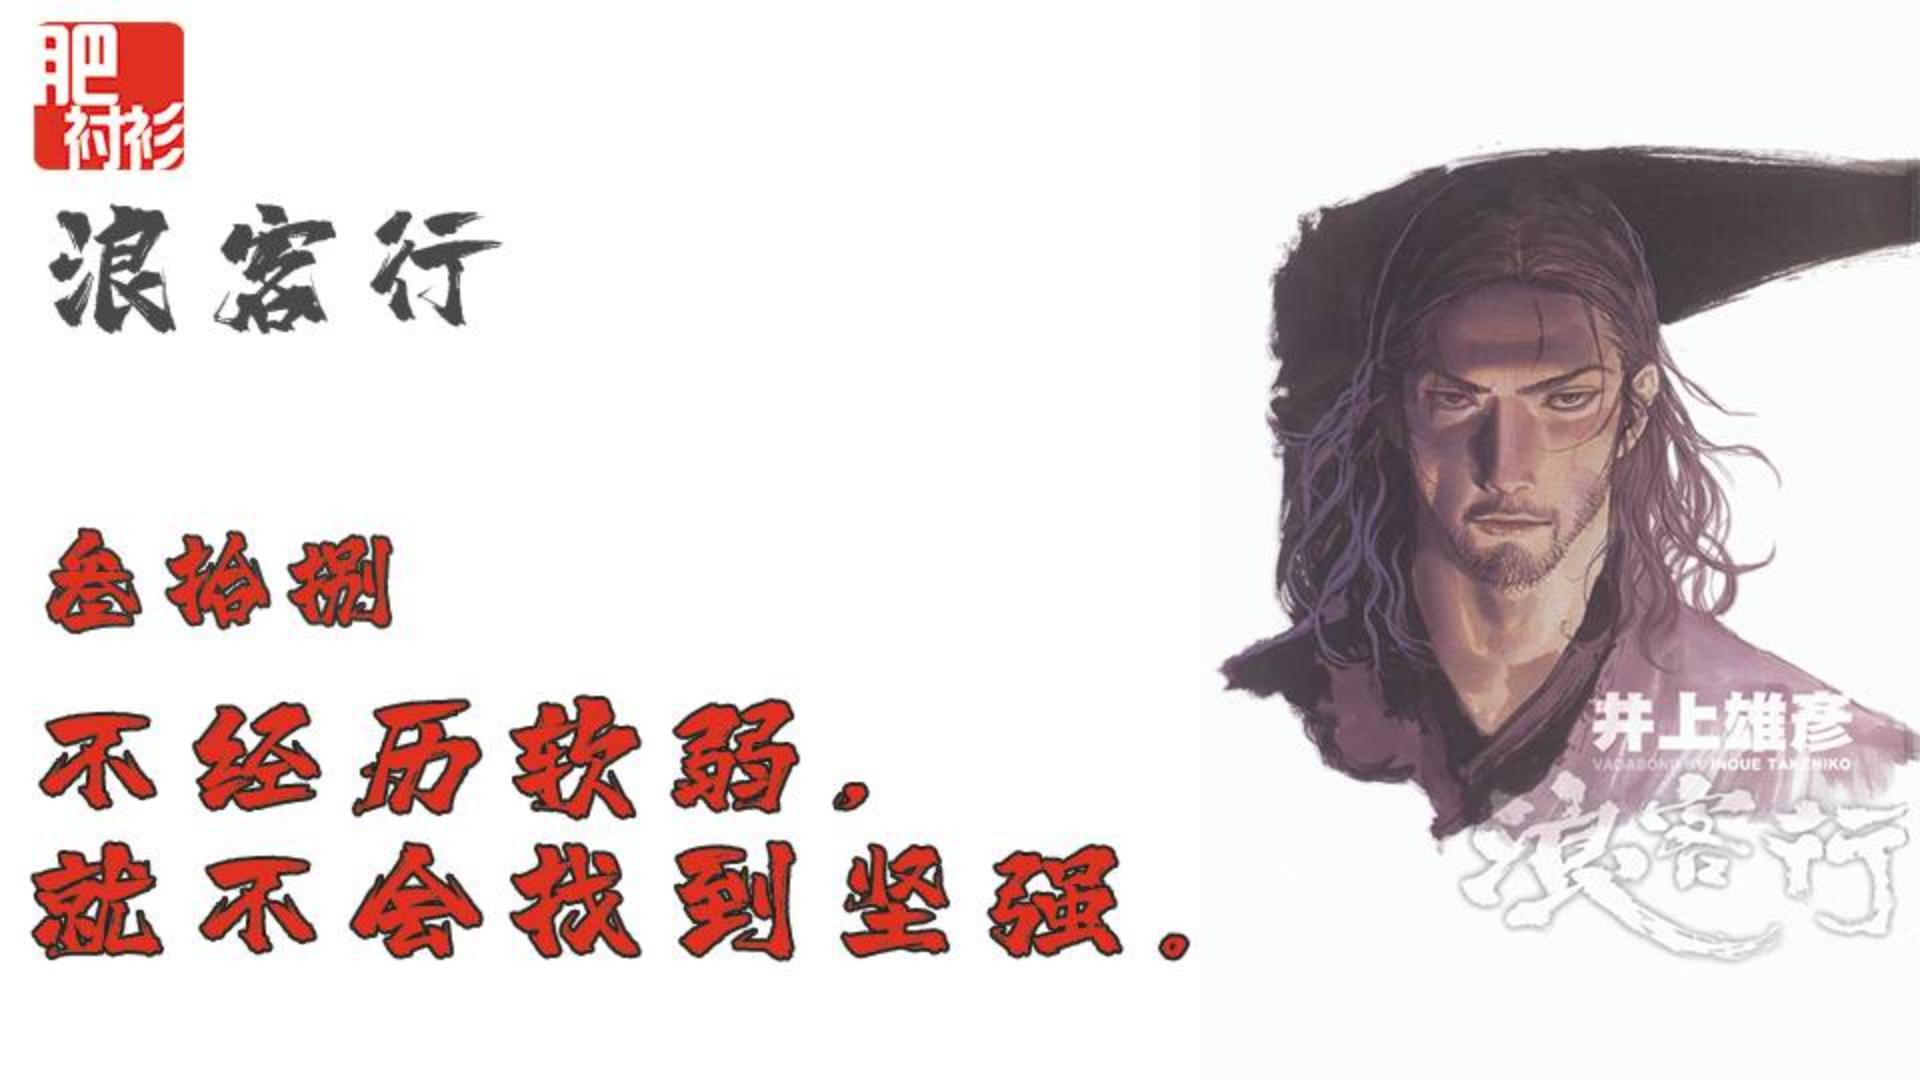 【肥】浪客行38期,海市蜃楼